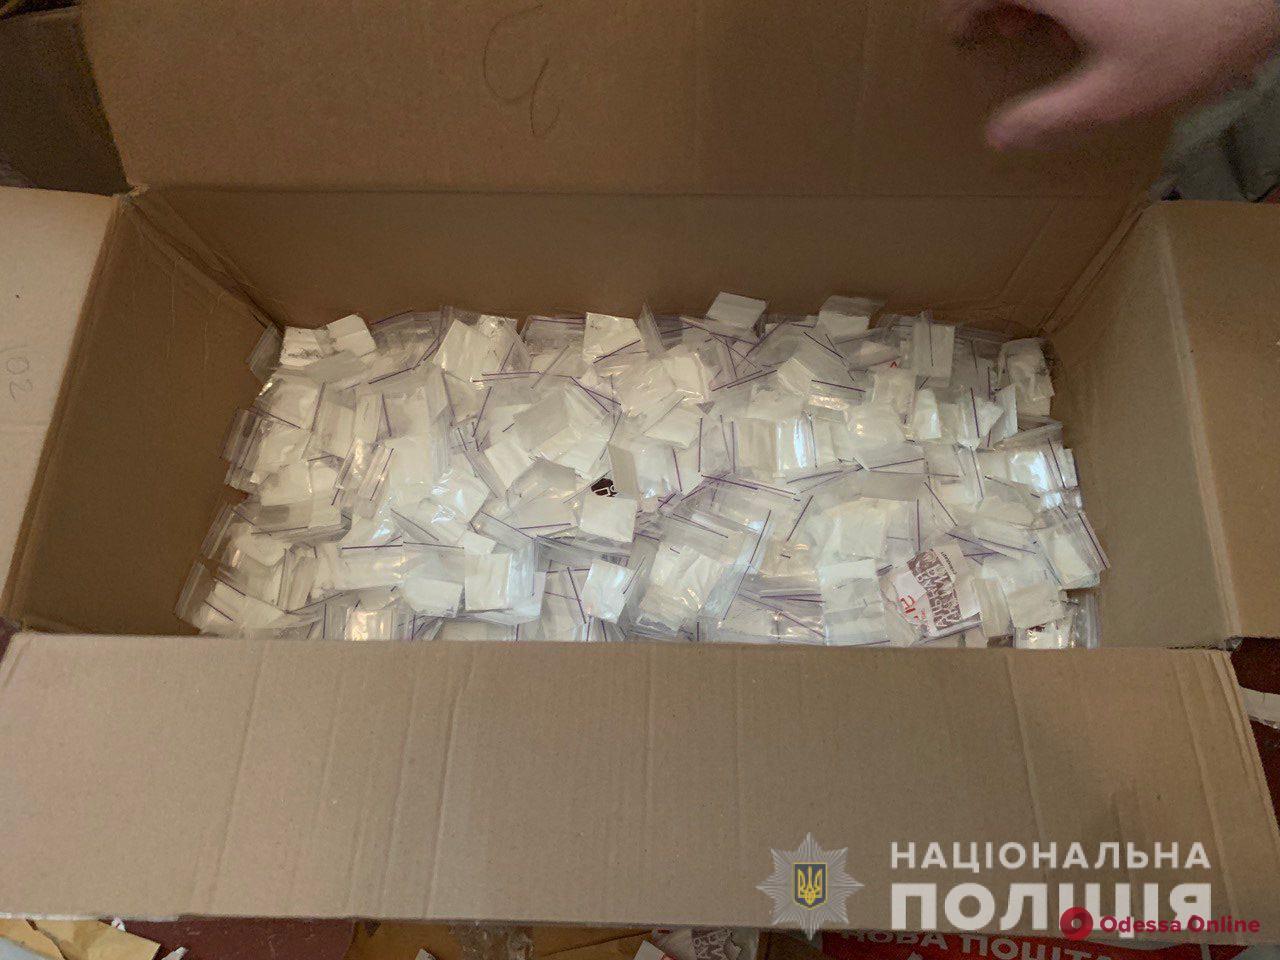 В Одессе полиция нашла у девушки из Херсона 800 пакетиков с наркотиками